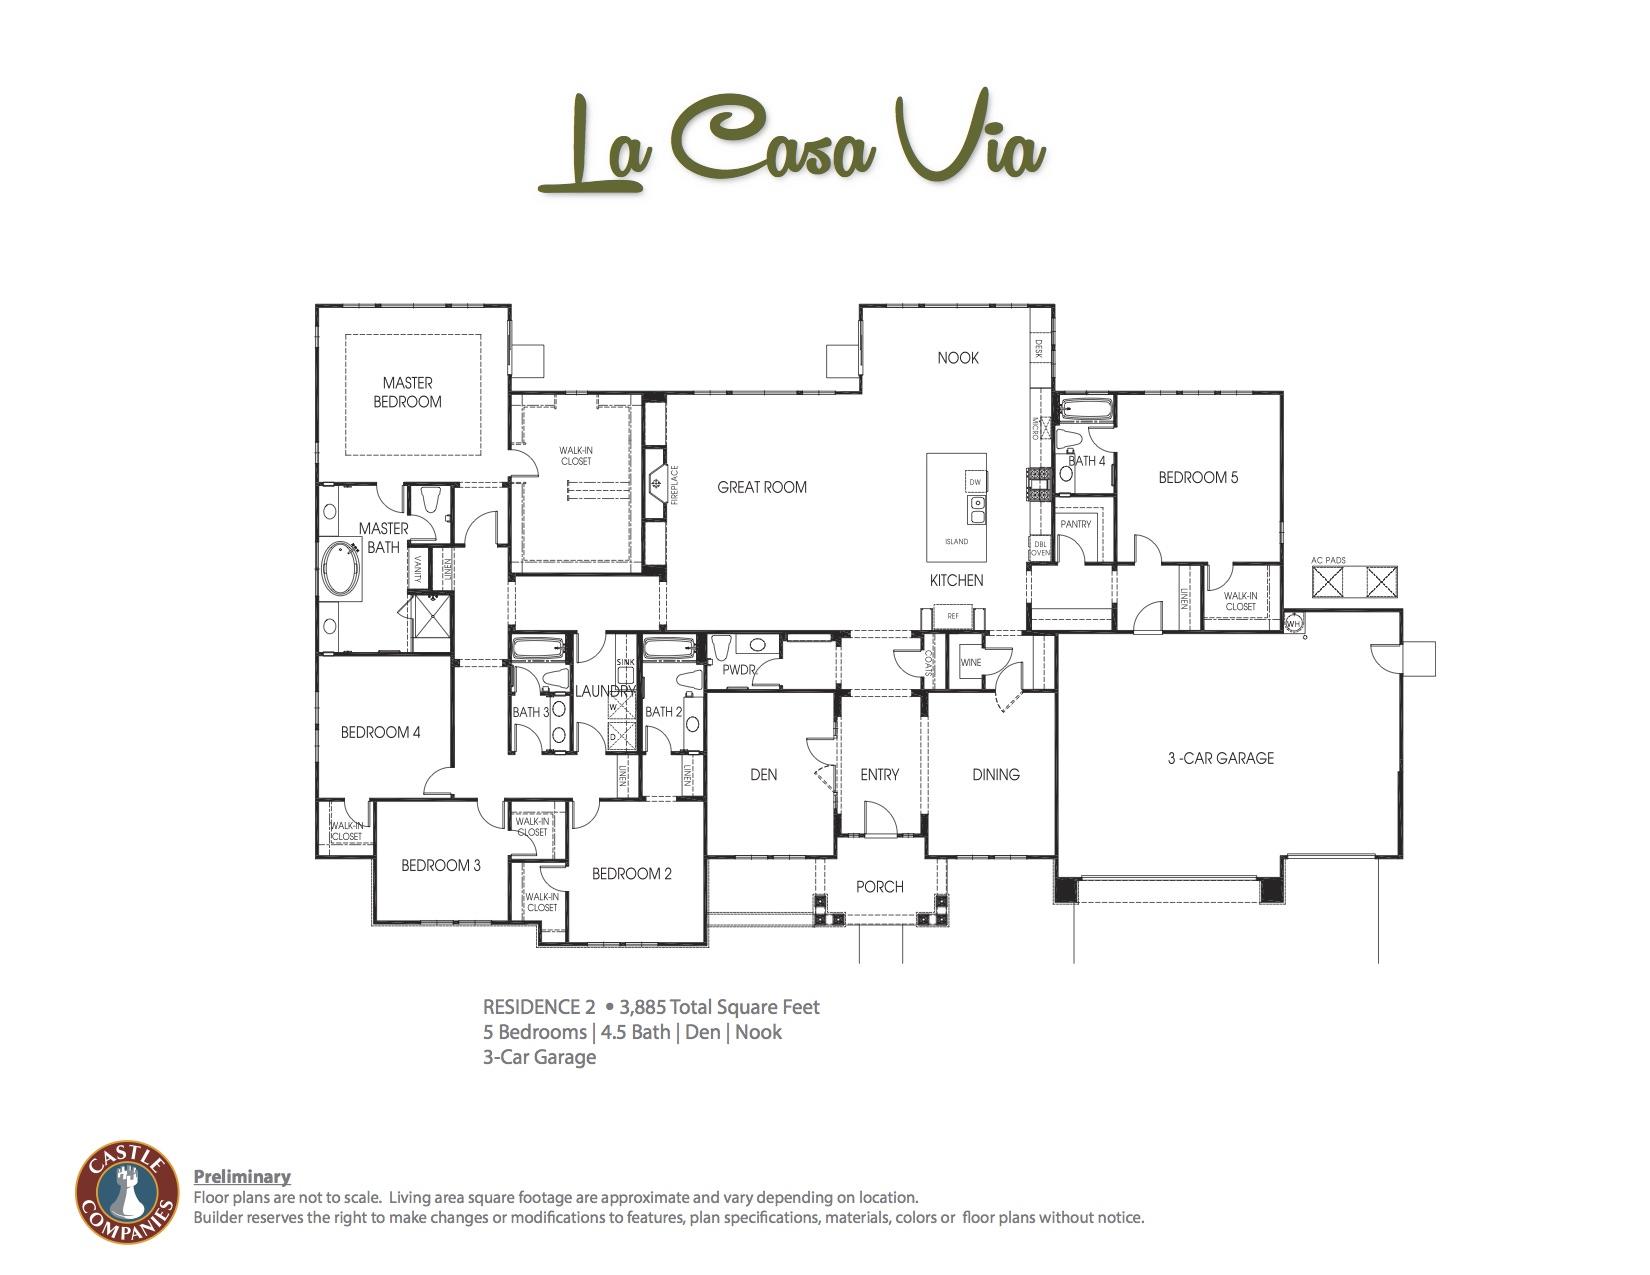 La Casa Via Floor Plan 2 copy